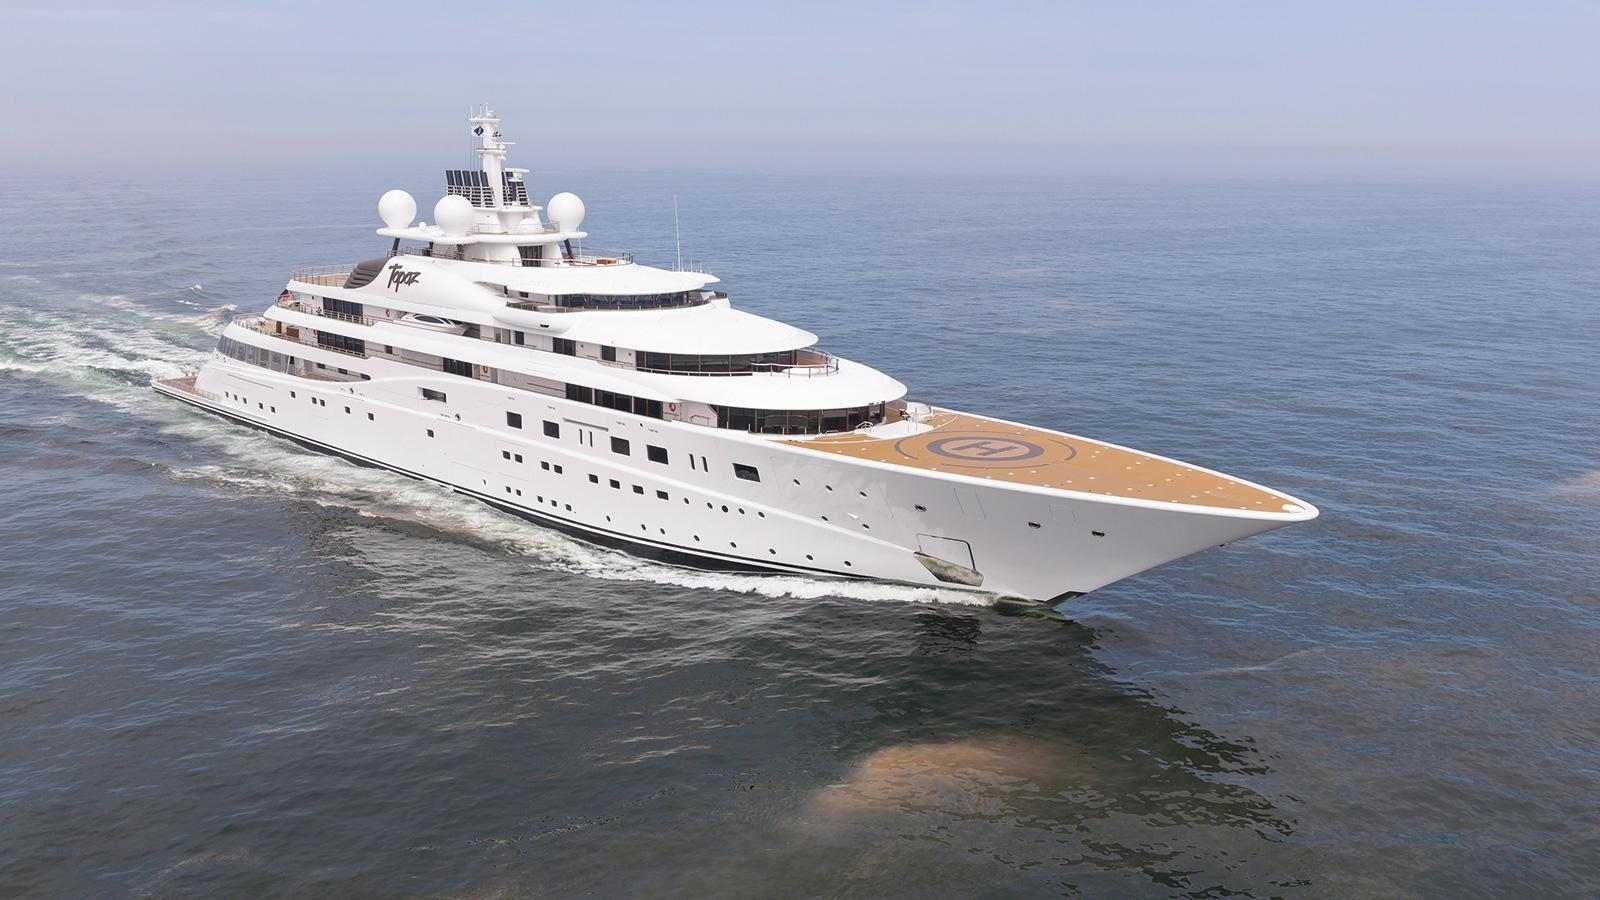 Z2yH9rSTwG9hipyz3cuP_Celebrity-yacht-charter-Topaz-2560x1440.jpg